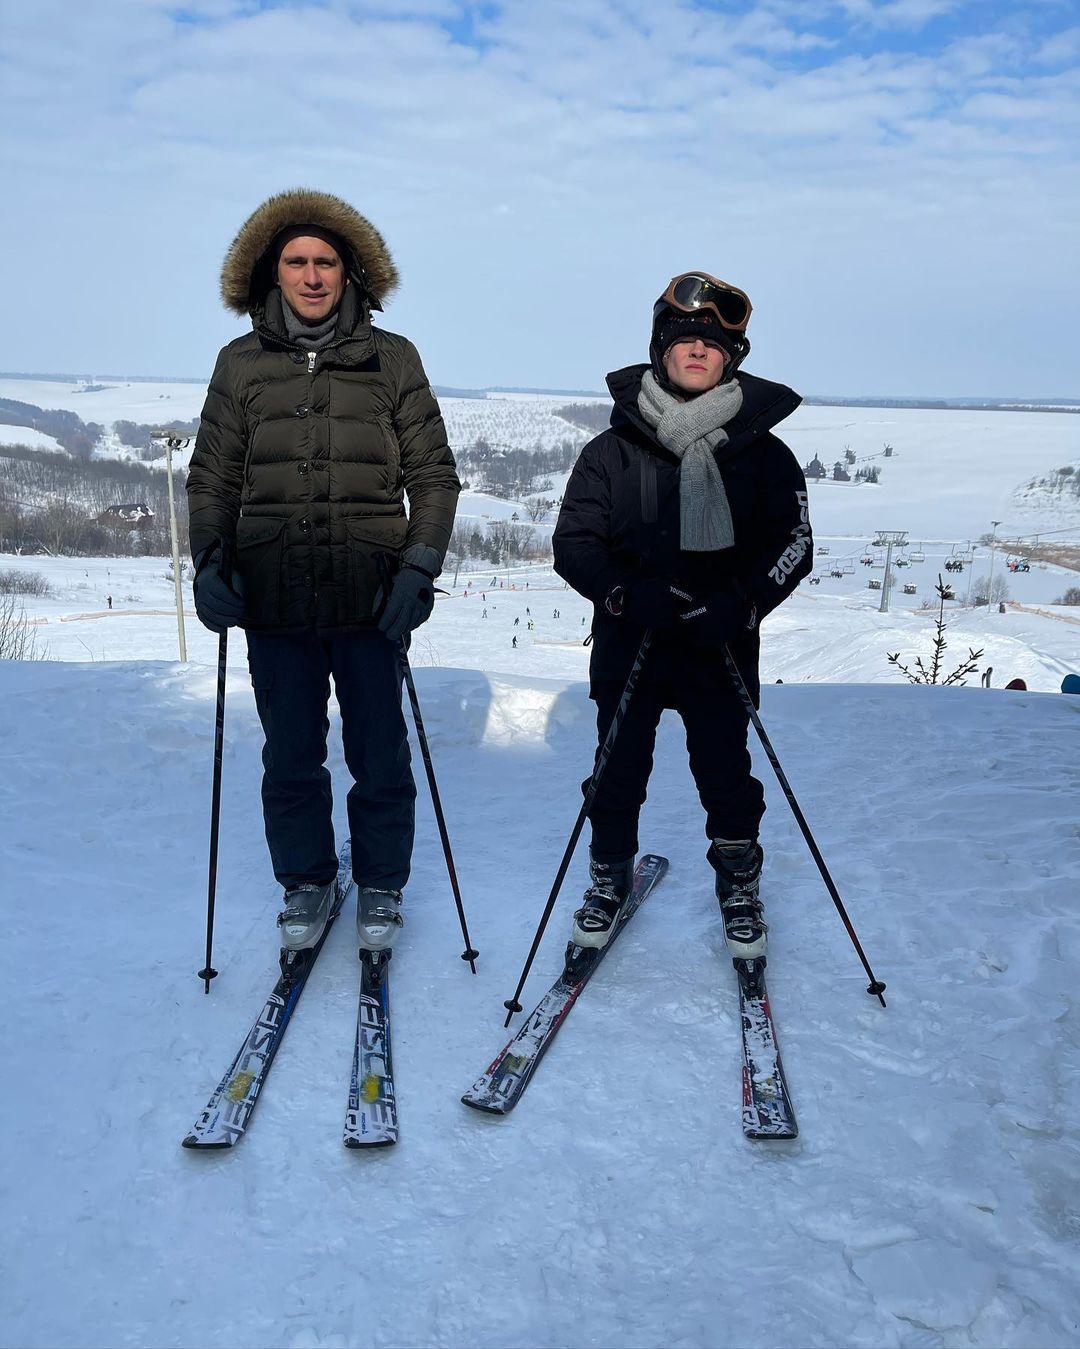 Семейный уик-энд: Елизавета Юрушева и Александр Скичко отдохнули на украинском горнолыжном курорте